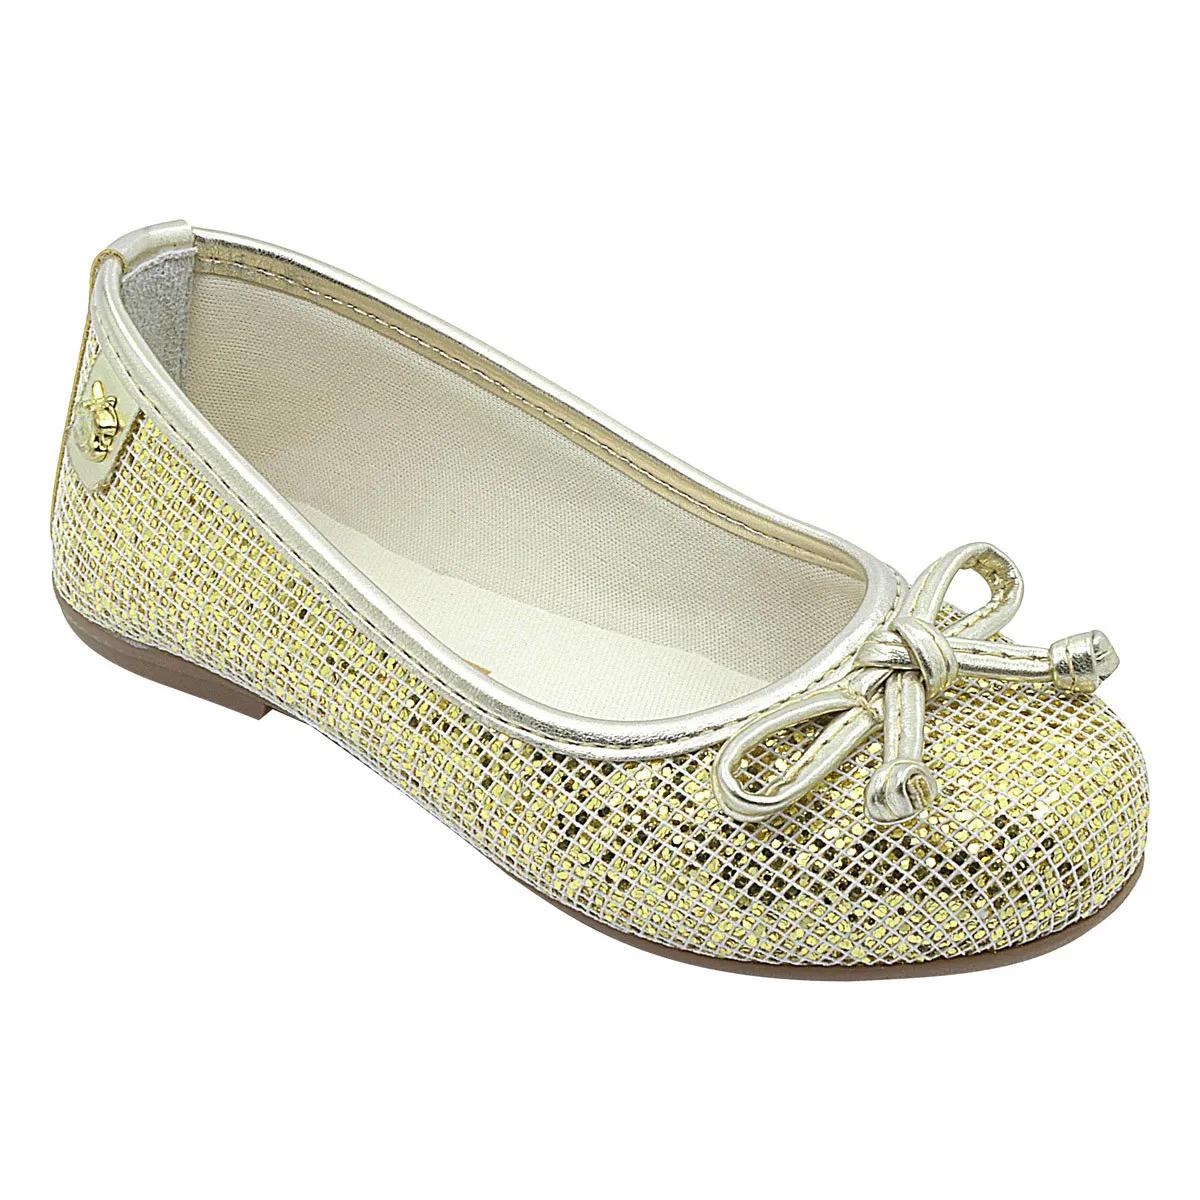 Sapatilha Infantil Glitter Dourada com Lacinho Feminina